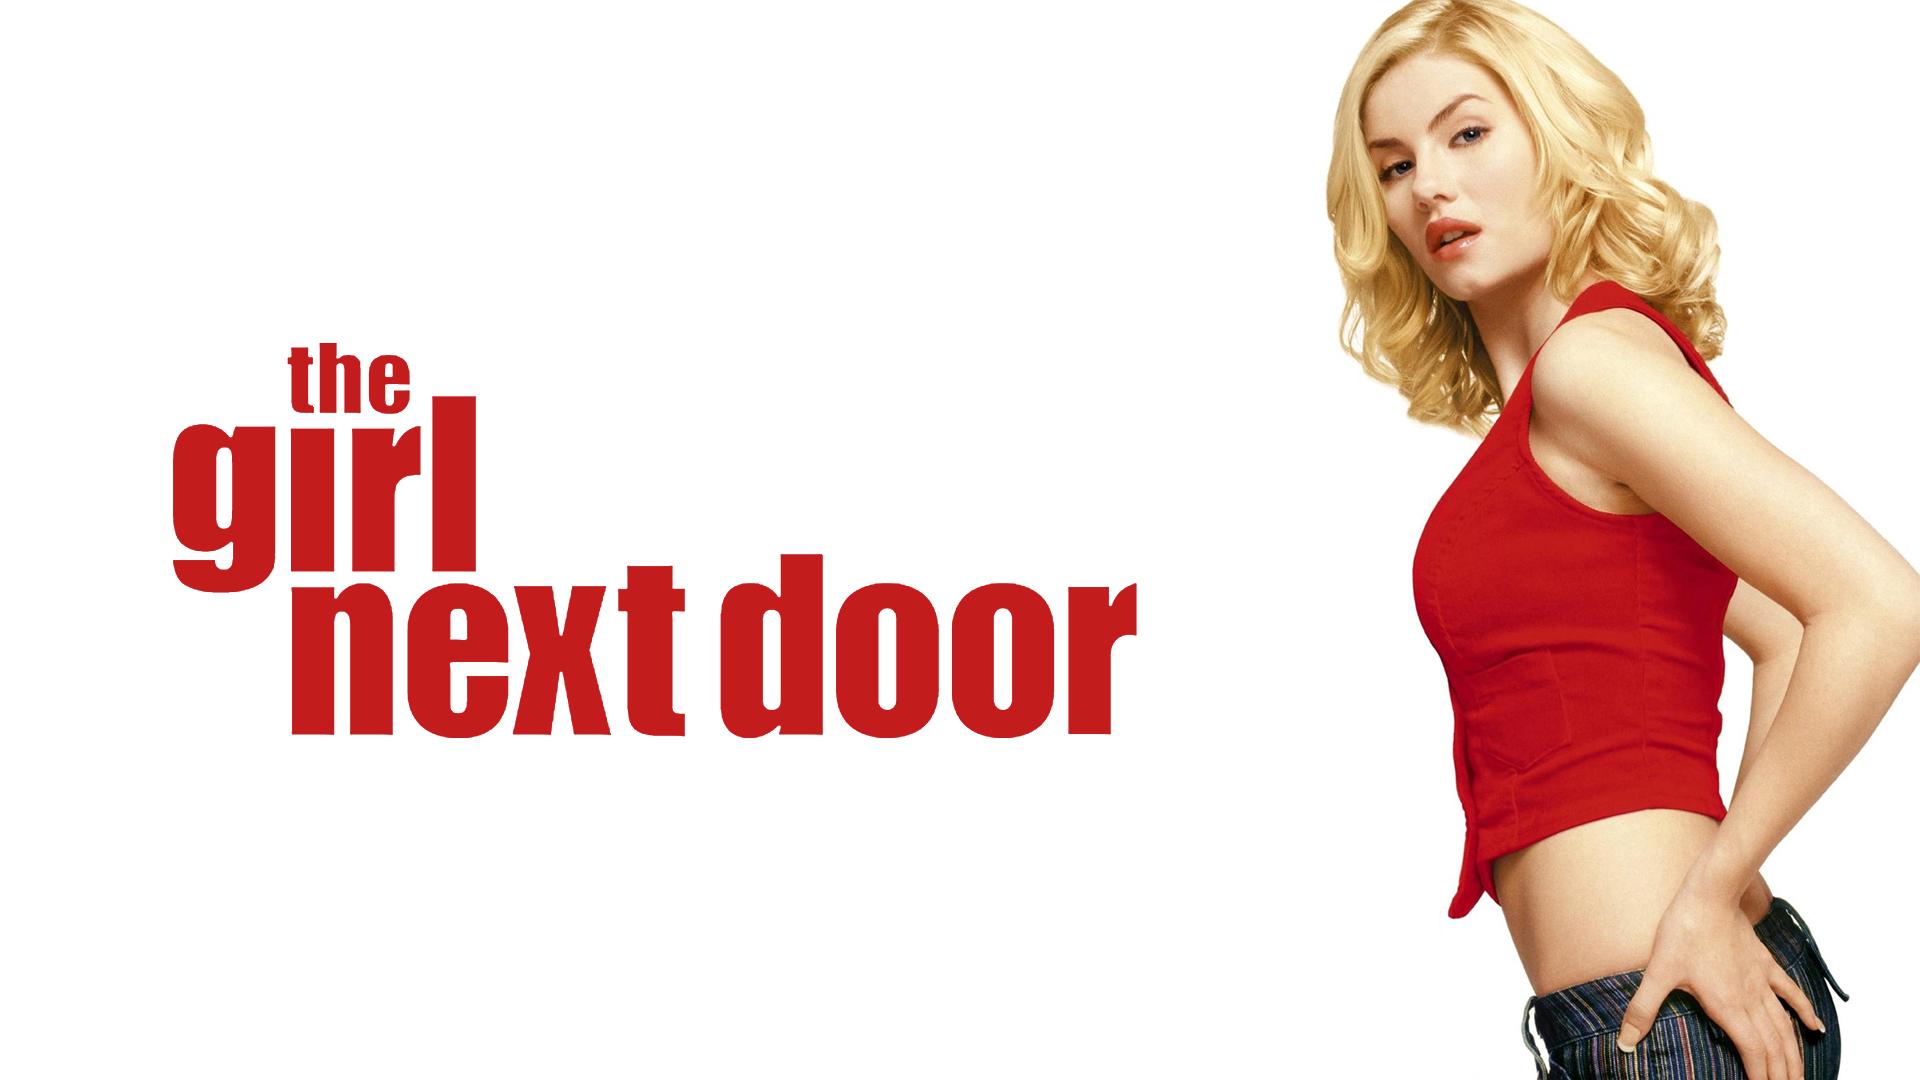 The Girl Next Door (2003)